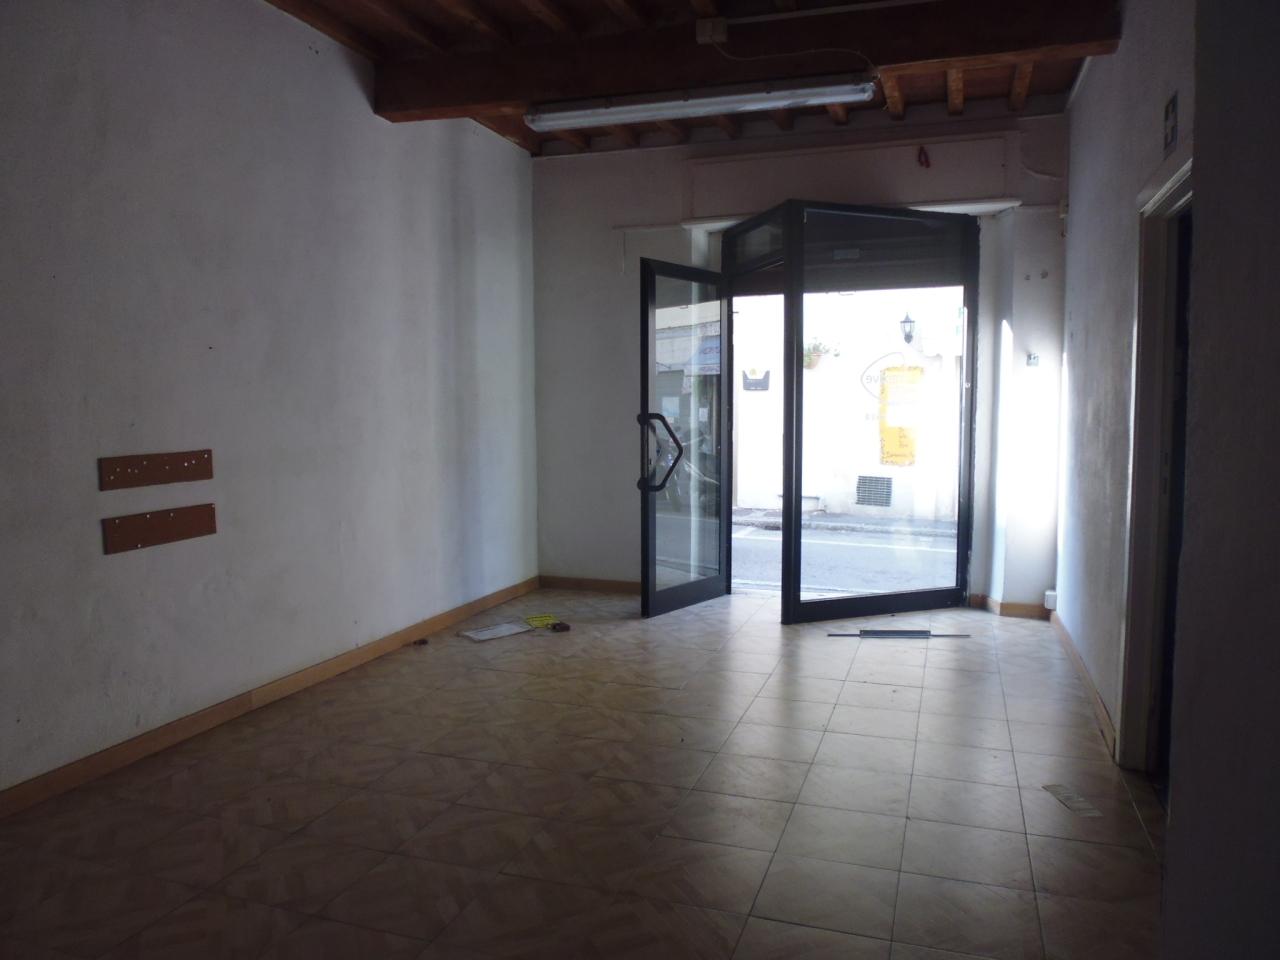 Capannone in affitto a Livorno, 1 locali, prezzo € 450 | Cambio Casa.it